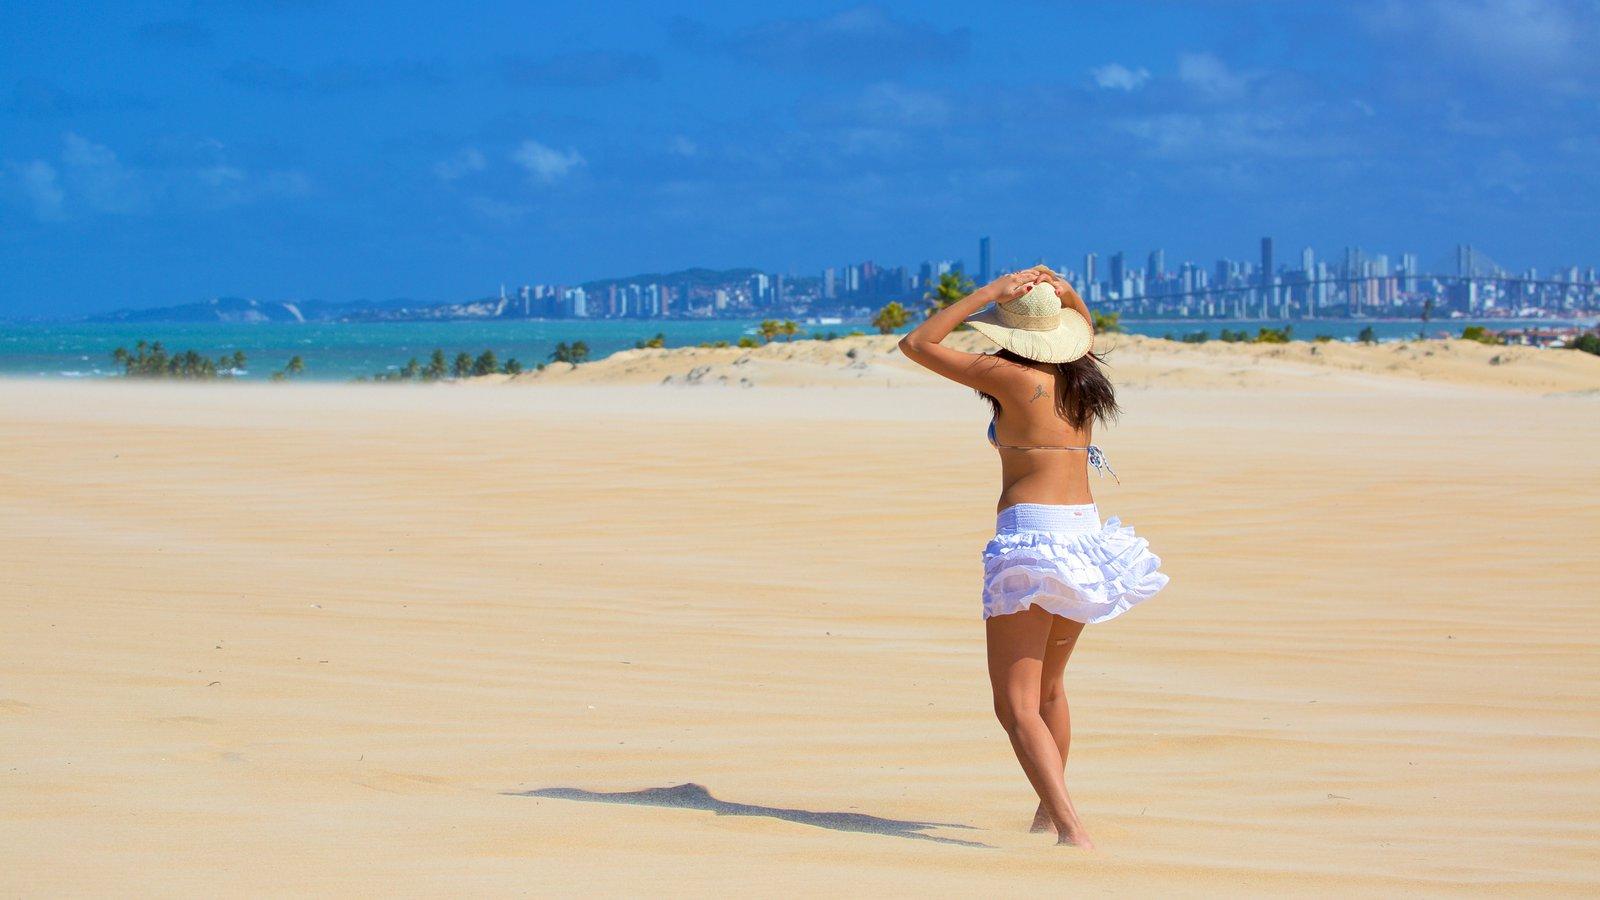 Praia de Genipabú que inclui linha do horizonte, uma praia e paisagens litorâneas